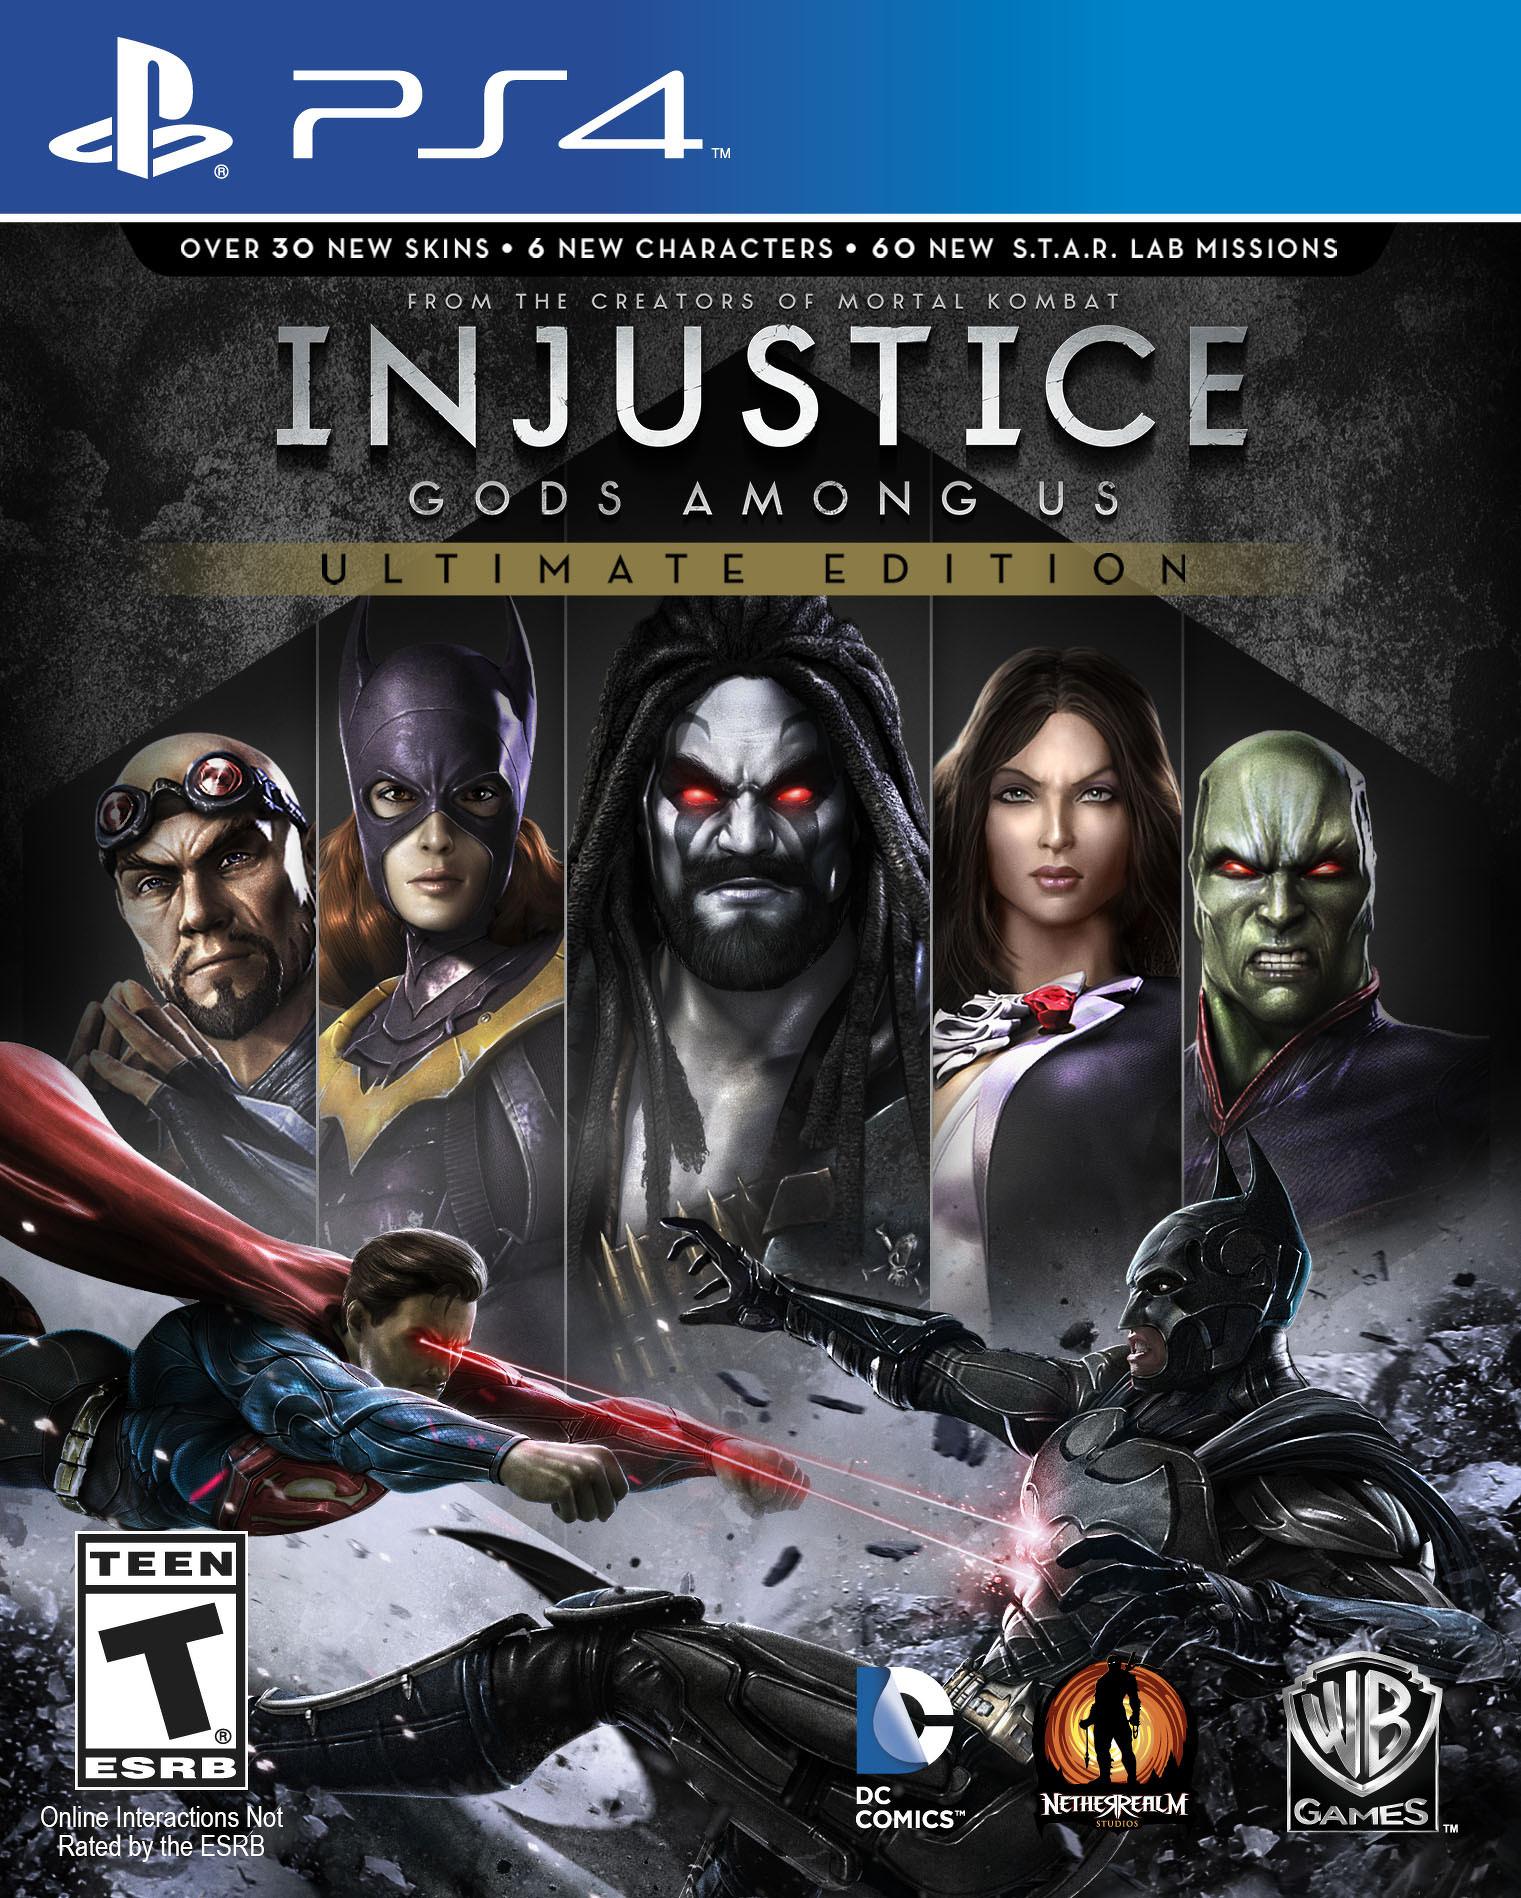 Bojovka Injustice: Gods Among Us oznámena pro PC, PS4 a Vita 88626